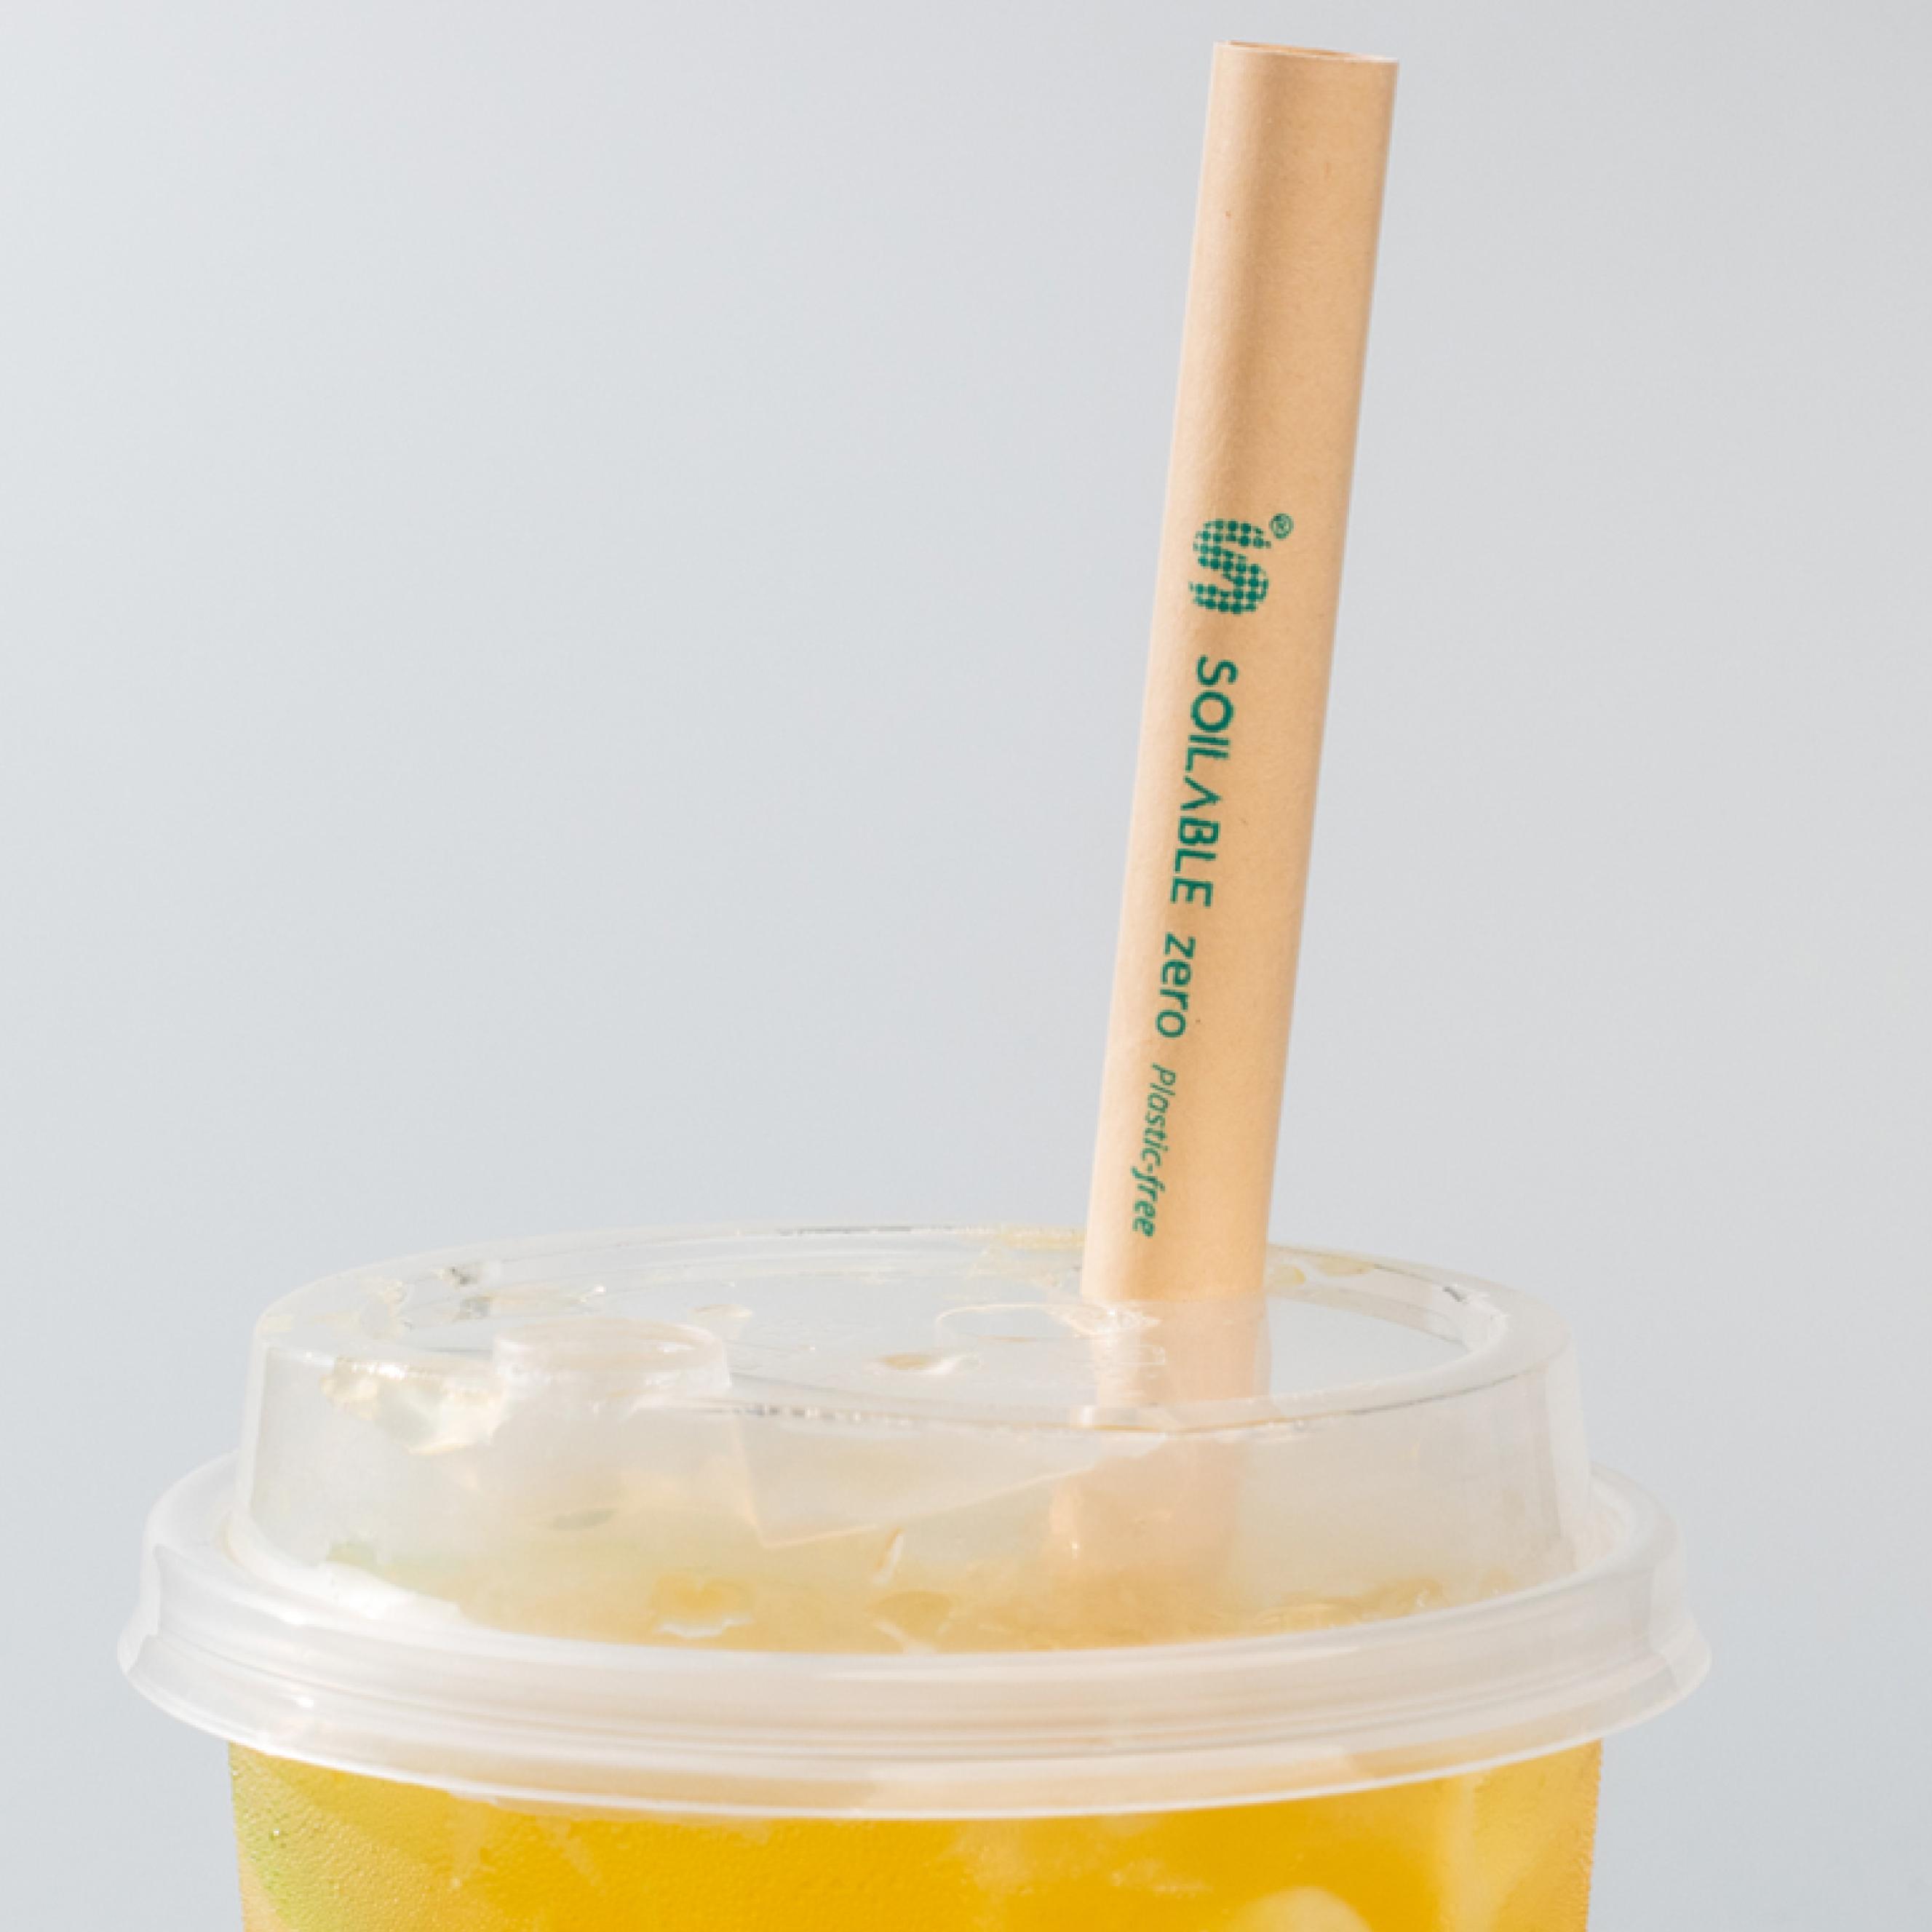 Bubble tea straw